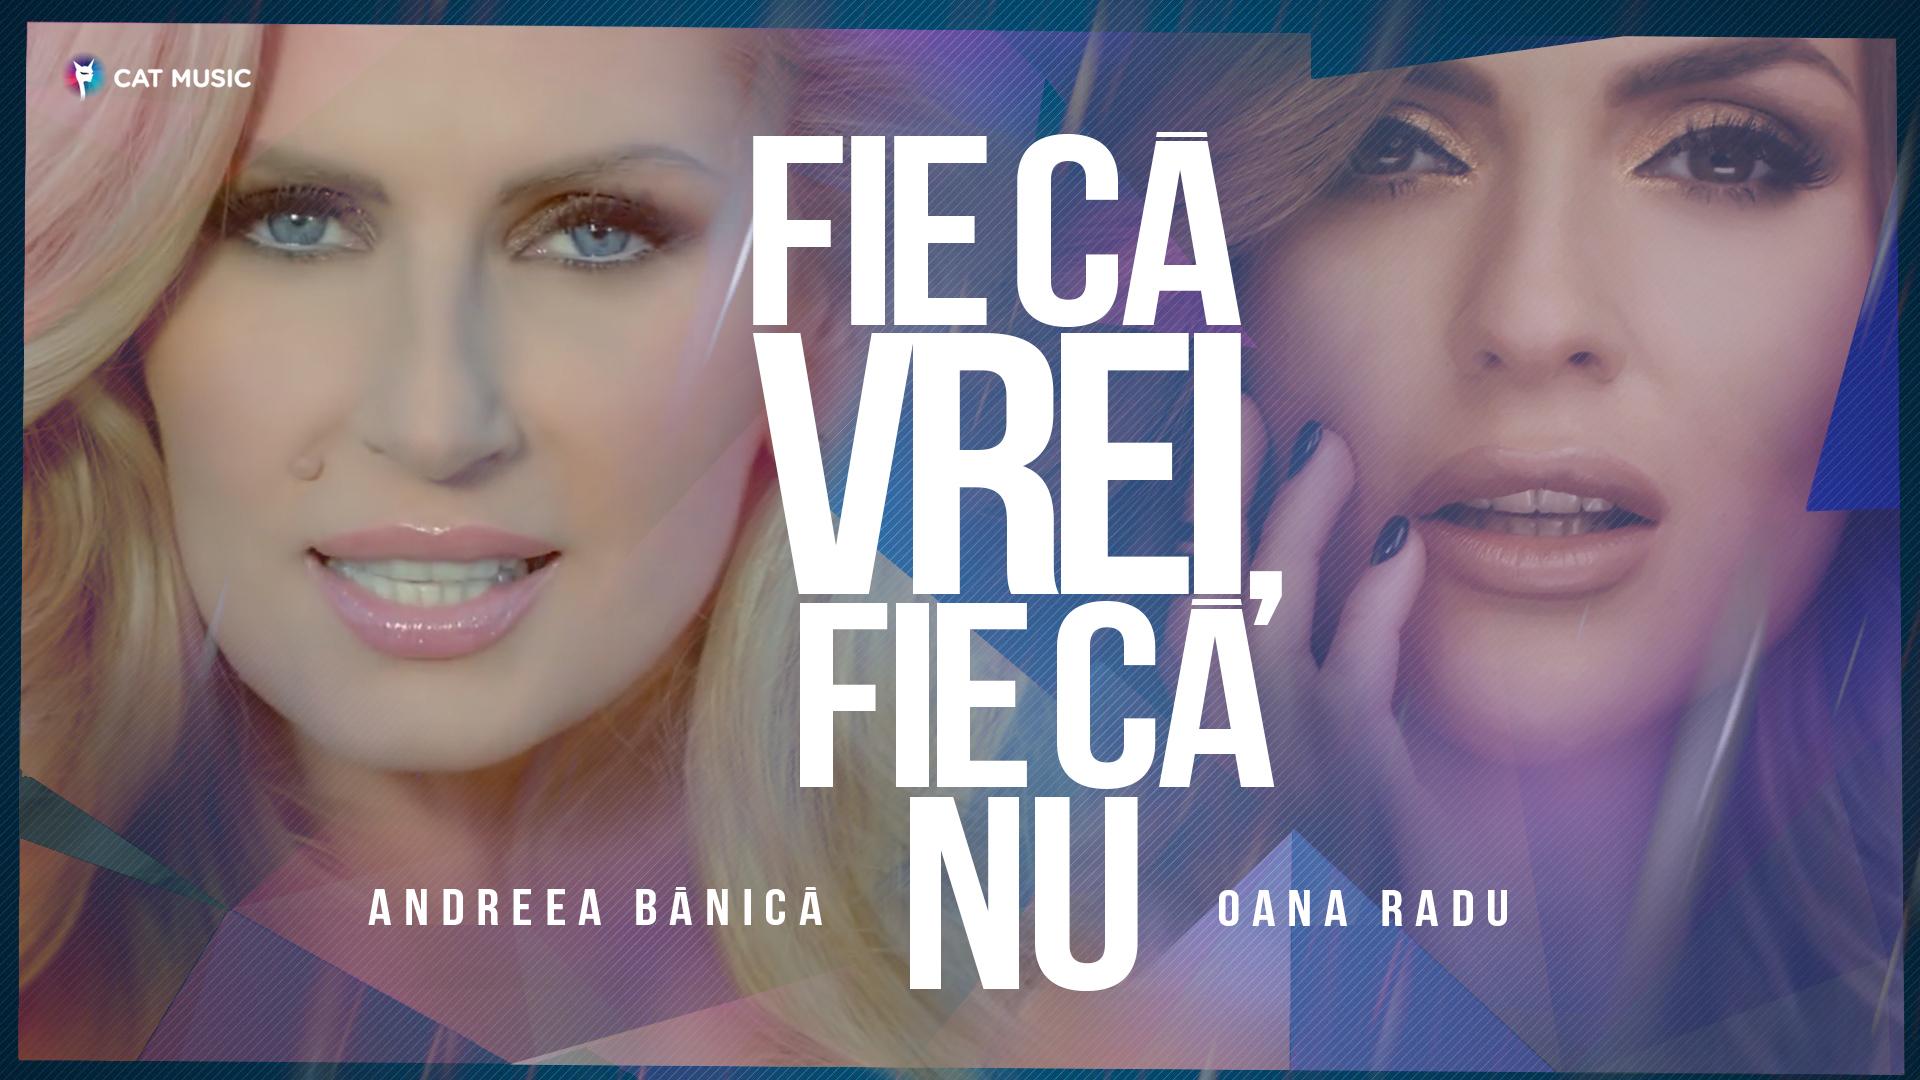 """Andreea Banica si Oana Radu lanseaza single-ul """"Fie ca vrei, fie ca nu"""""""